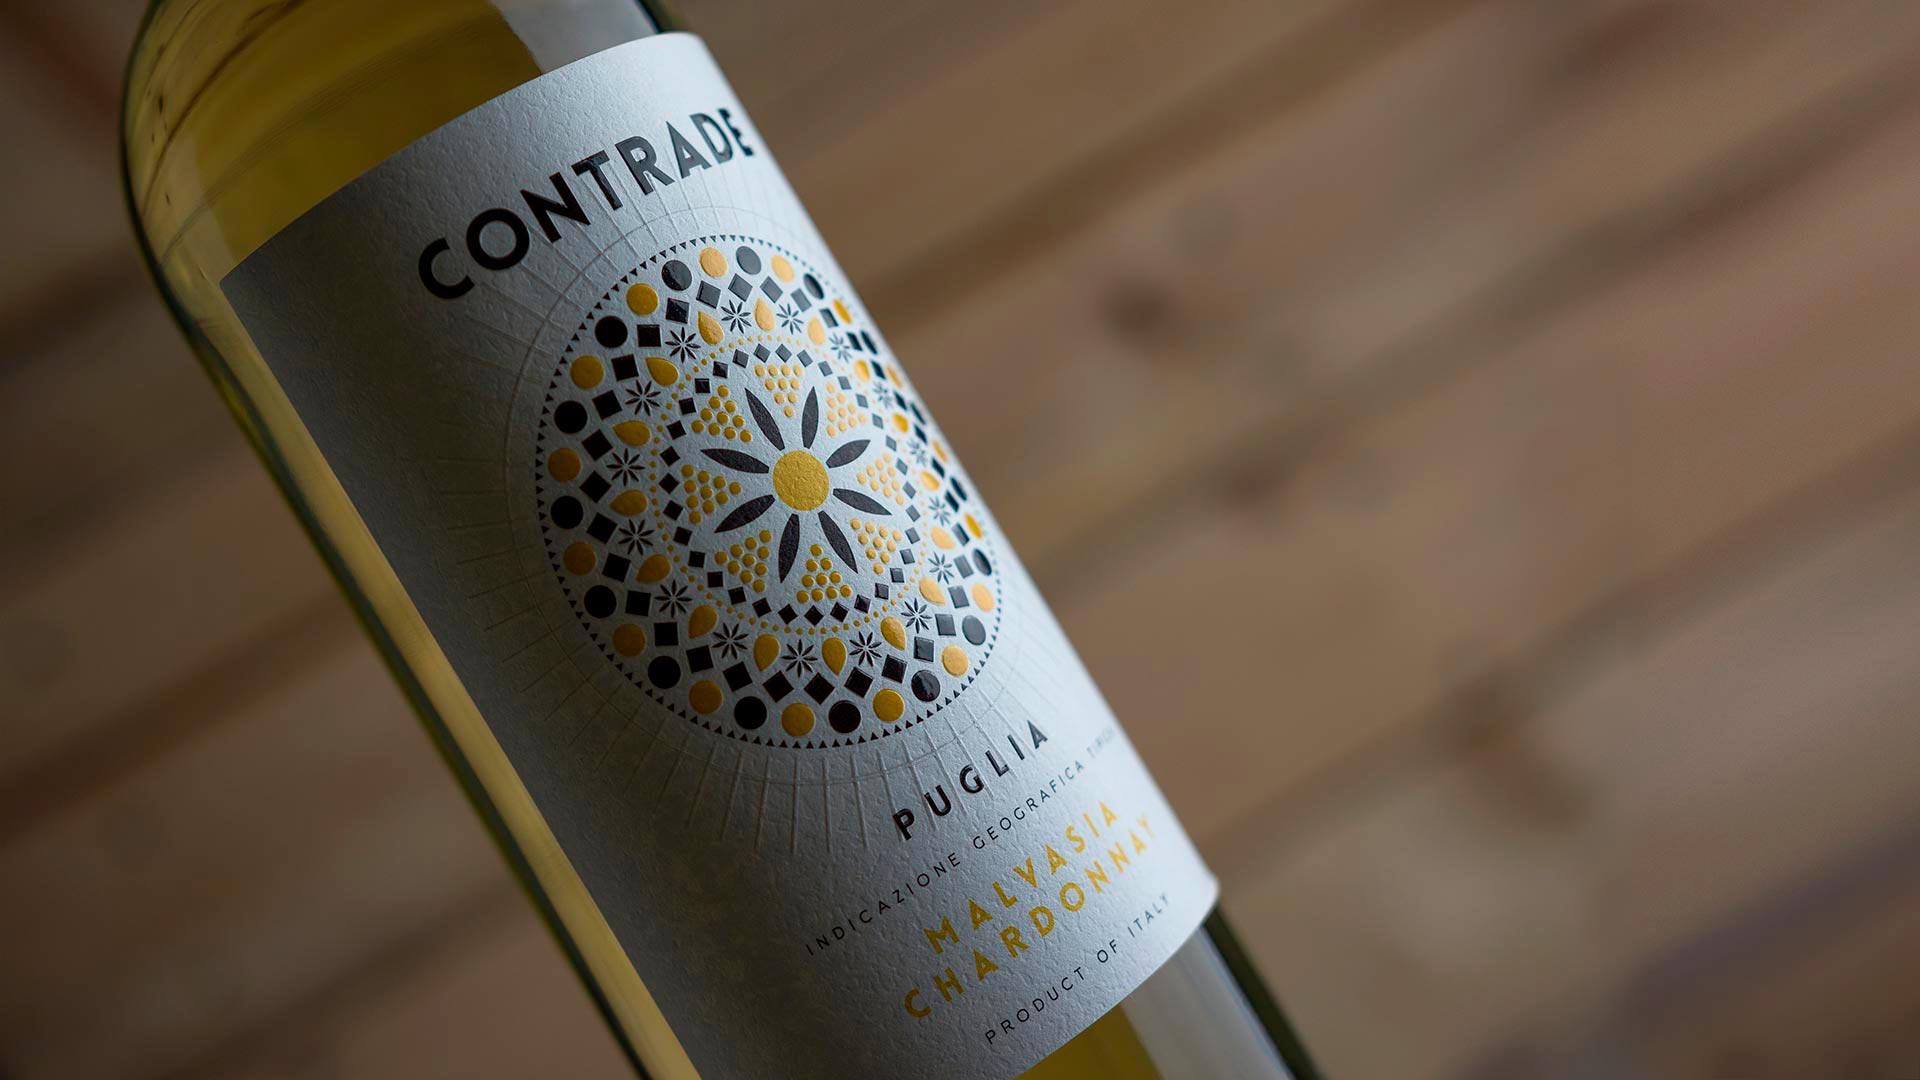 Contrade Malvasia Chardonnay MAD13 1920 - Label Design Etichette vini Contrade